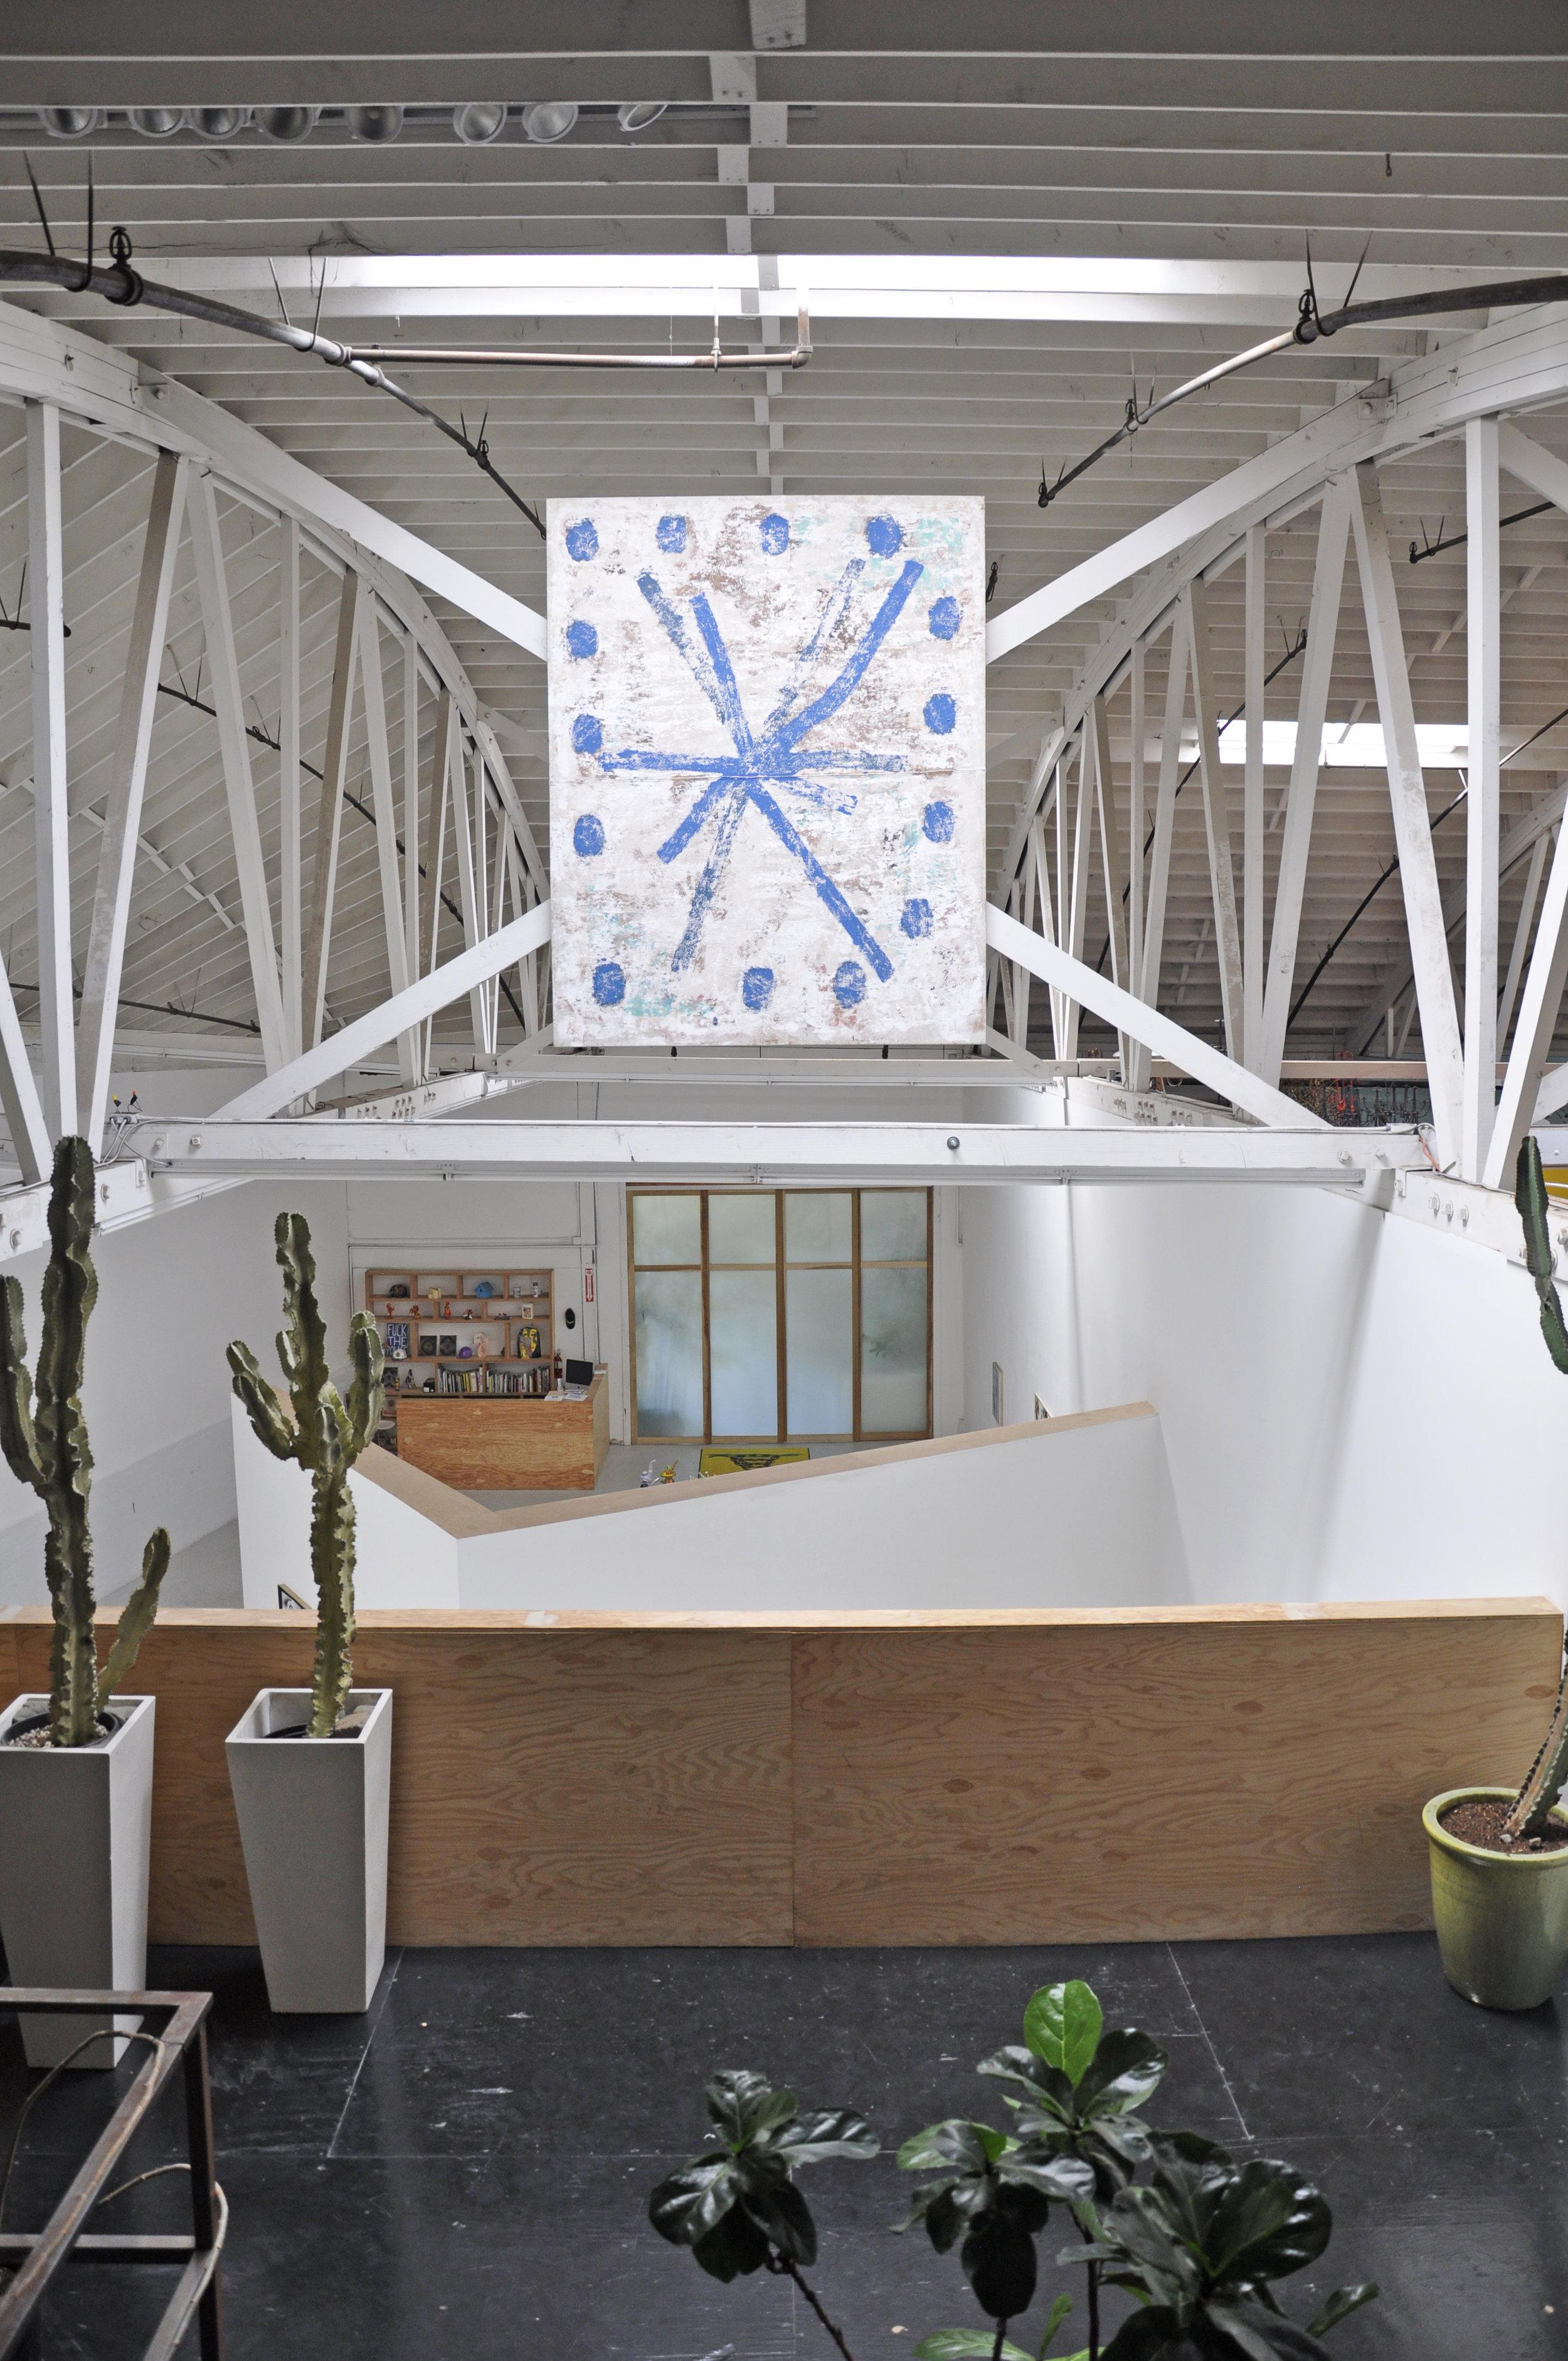 Brion Nuda Rosch, Installation View